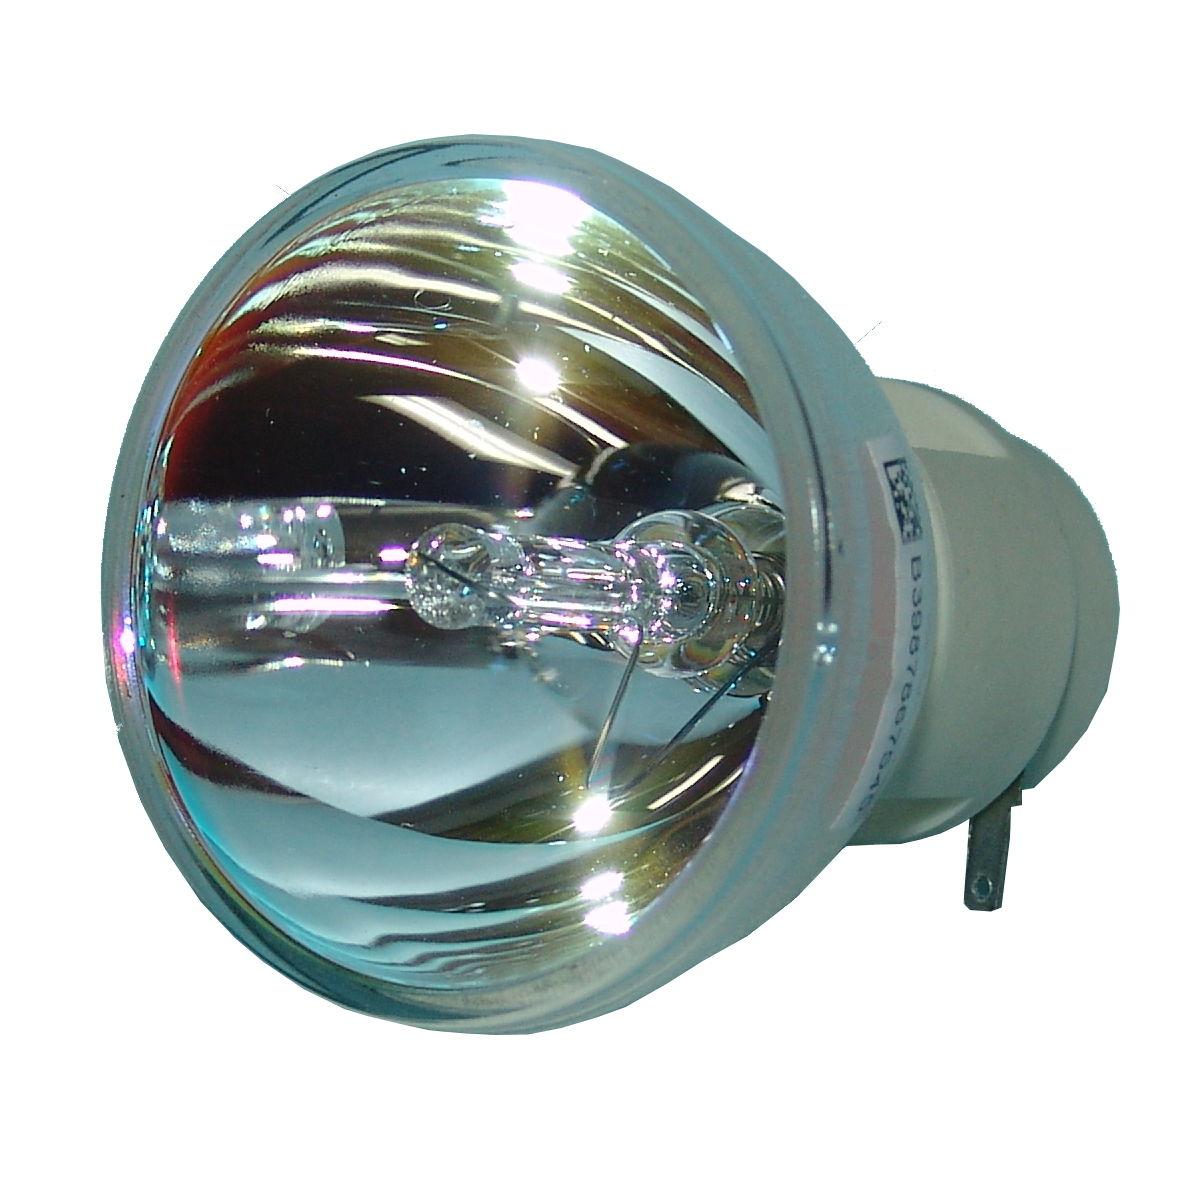 5811116635-S P-VIP 230/0.8 E20.8 for Vivitek D791ST | Vivitek D795WT Projector Lamp Bulb without housing<br>